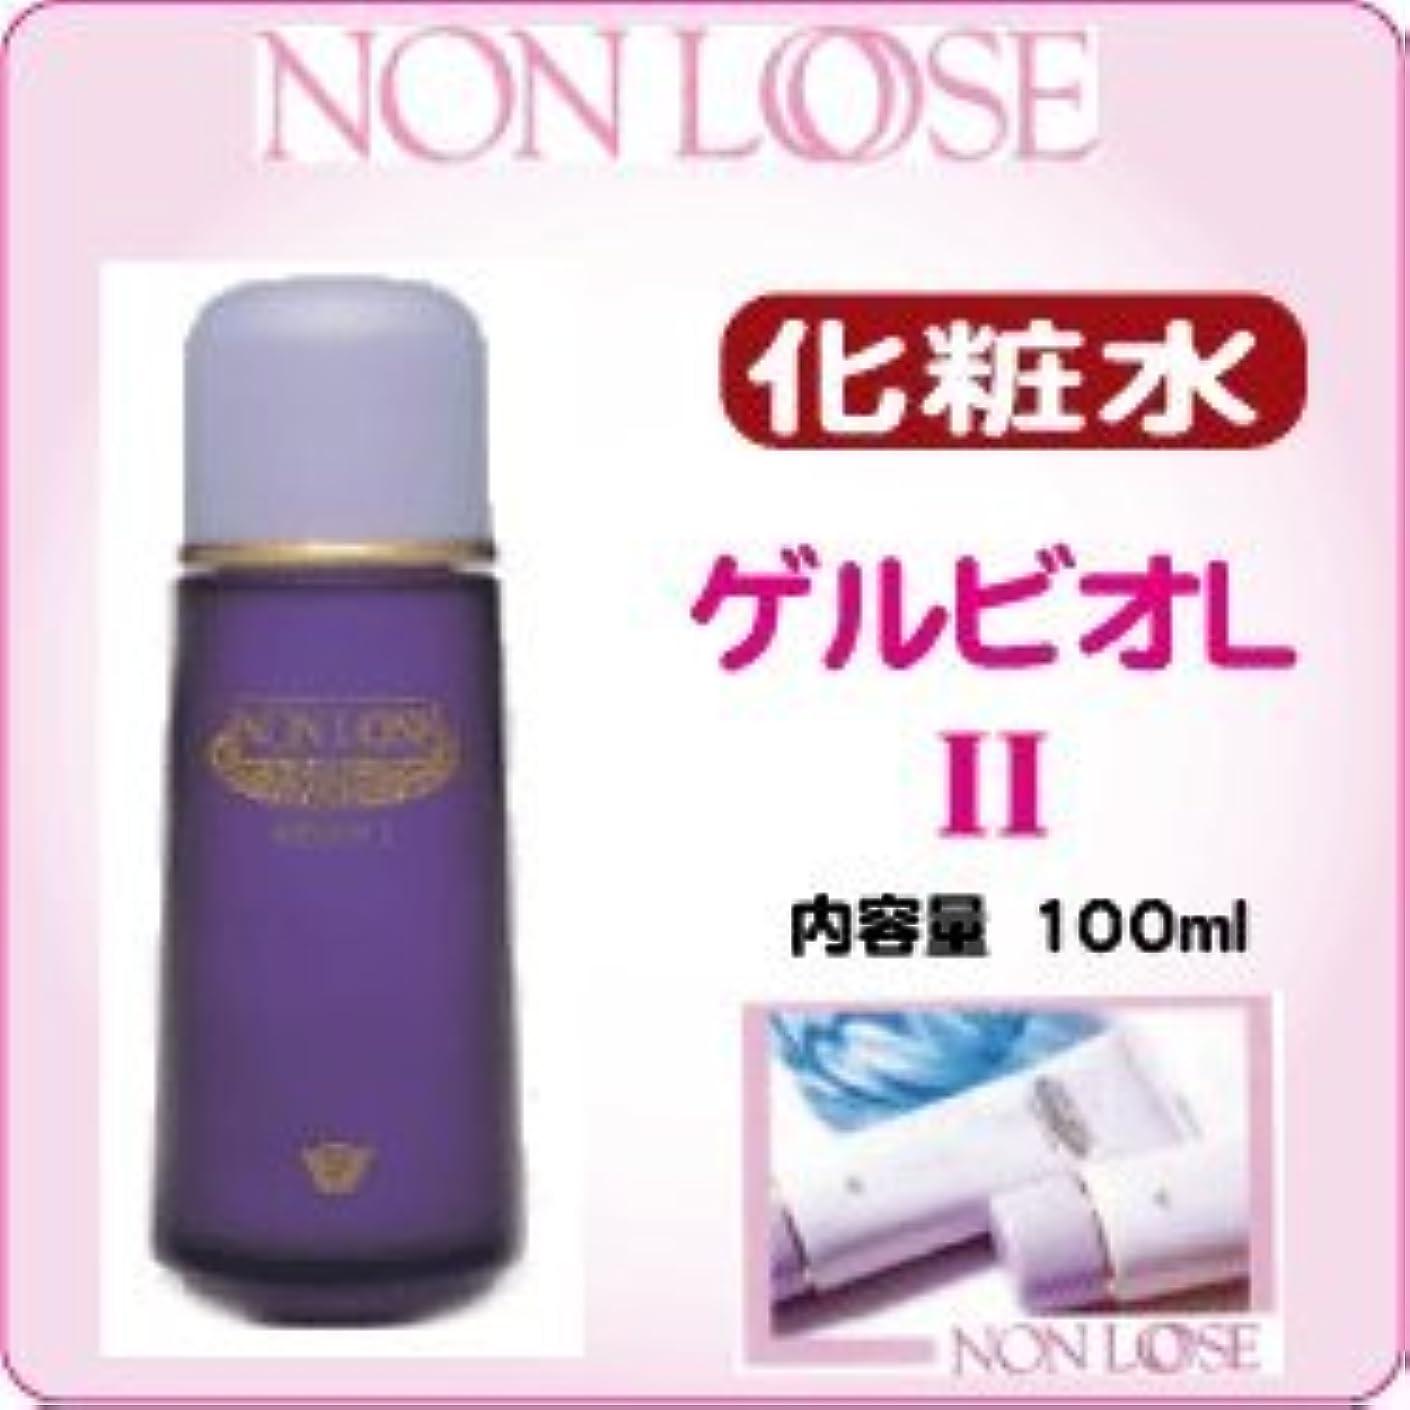 付き添い人柔和エンドウベルマン化粧品:ゲルビオL-Ⅱ(100ml)